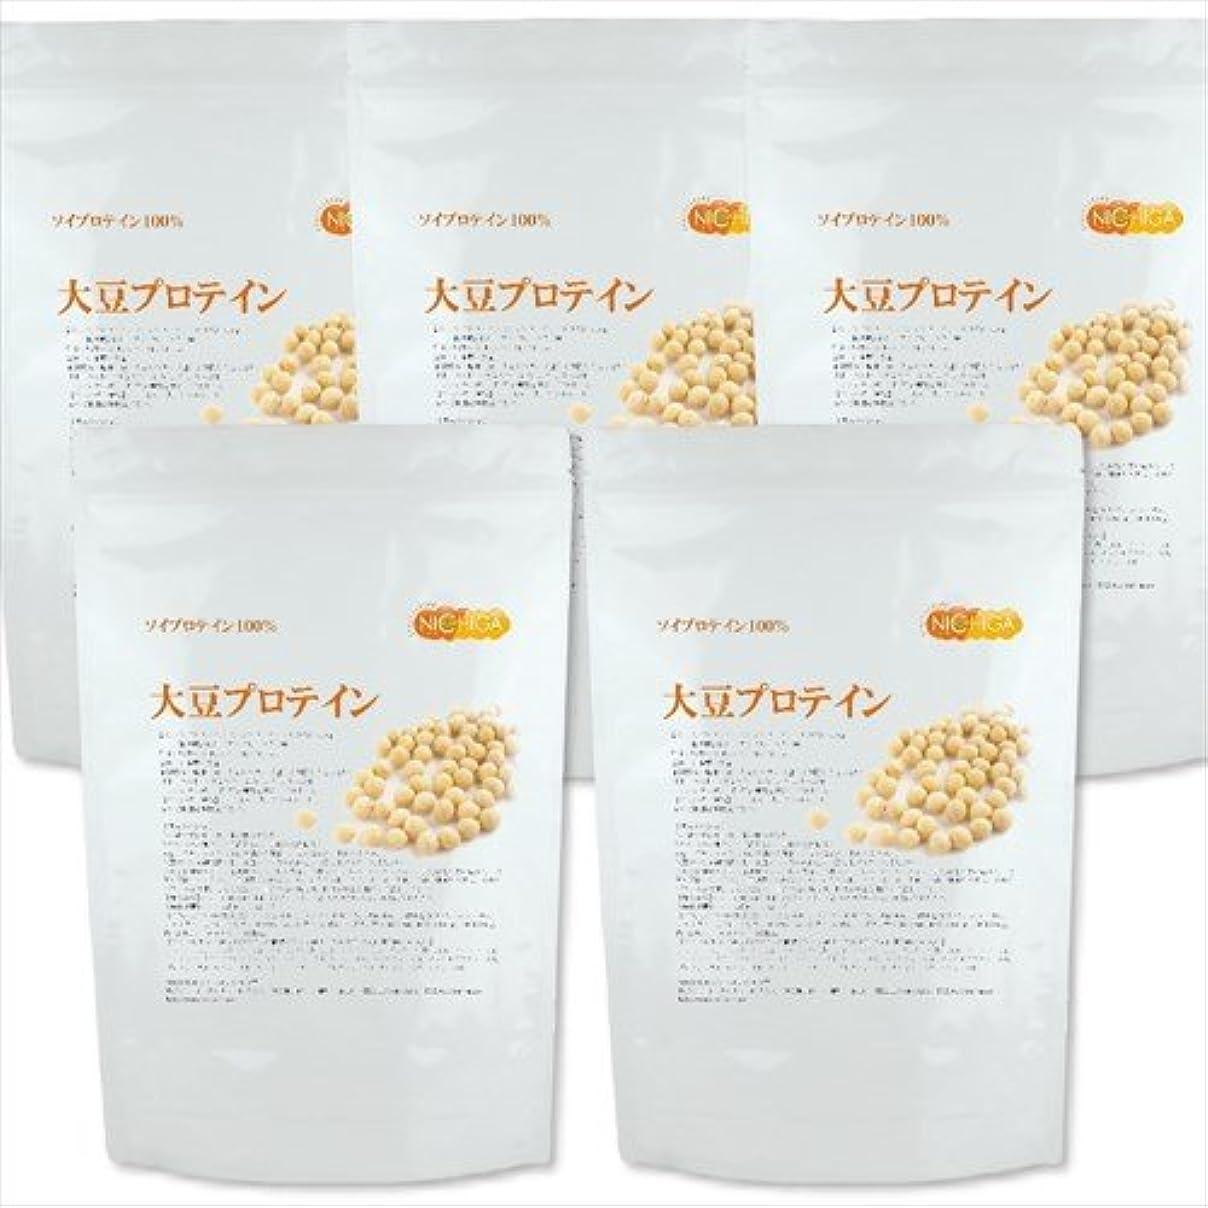 オン湿気の多い未亡人<New> 大豆プロテイン(国内製造)1kg×5袋 [02] NICHIGA(ニチガ) 製品のリニューアル致しました ソイプロテイン100% 遺伝子組み換え不使用大豆 新規製法採用!